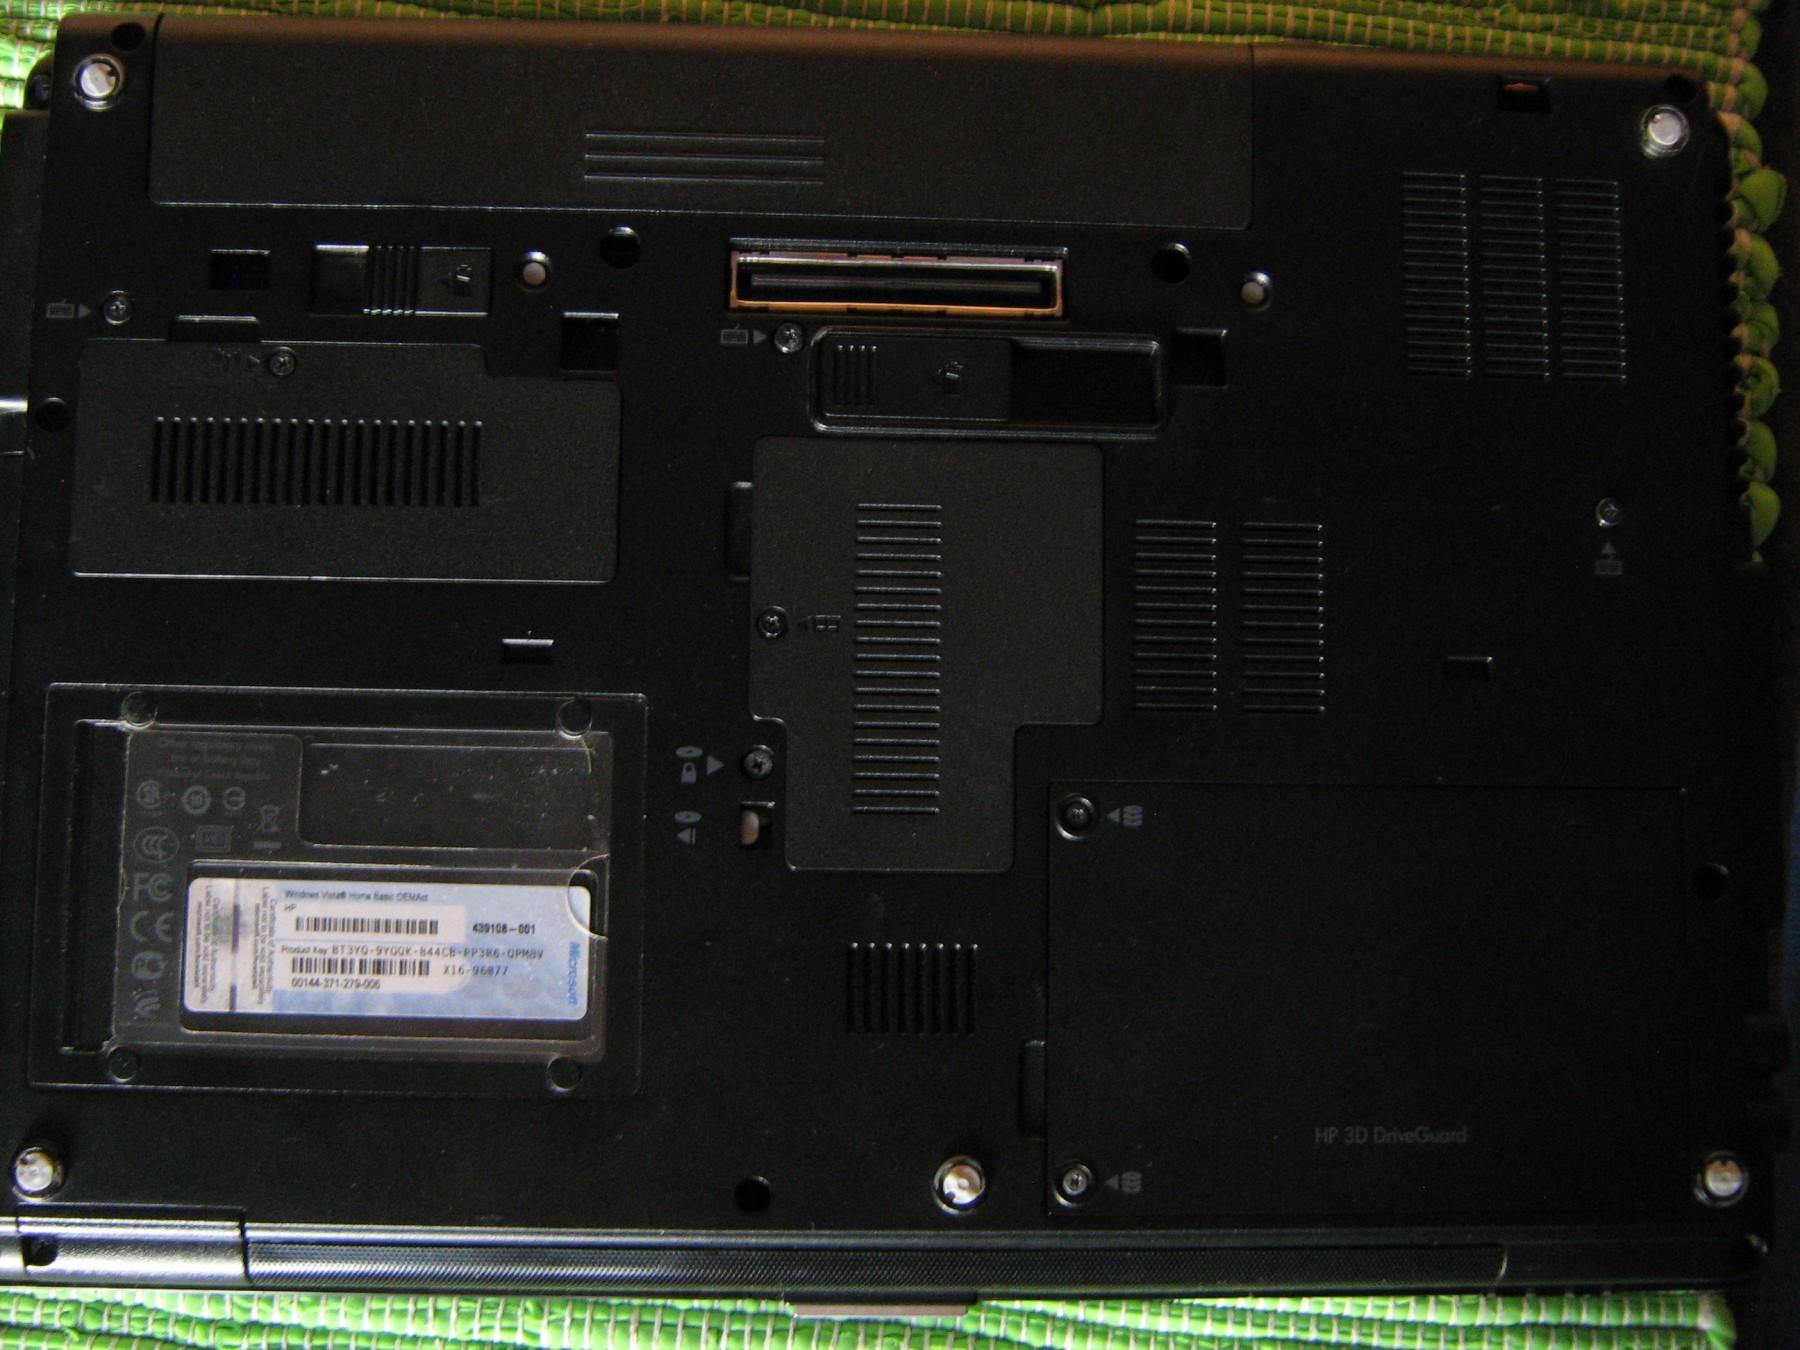 HP EliteBook 8440p - i5, 4Gb, 320Gb, HD+, 3G - odličan! - Kupindo